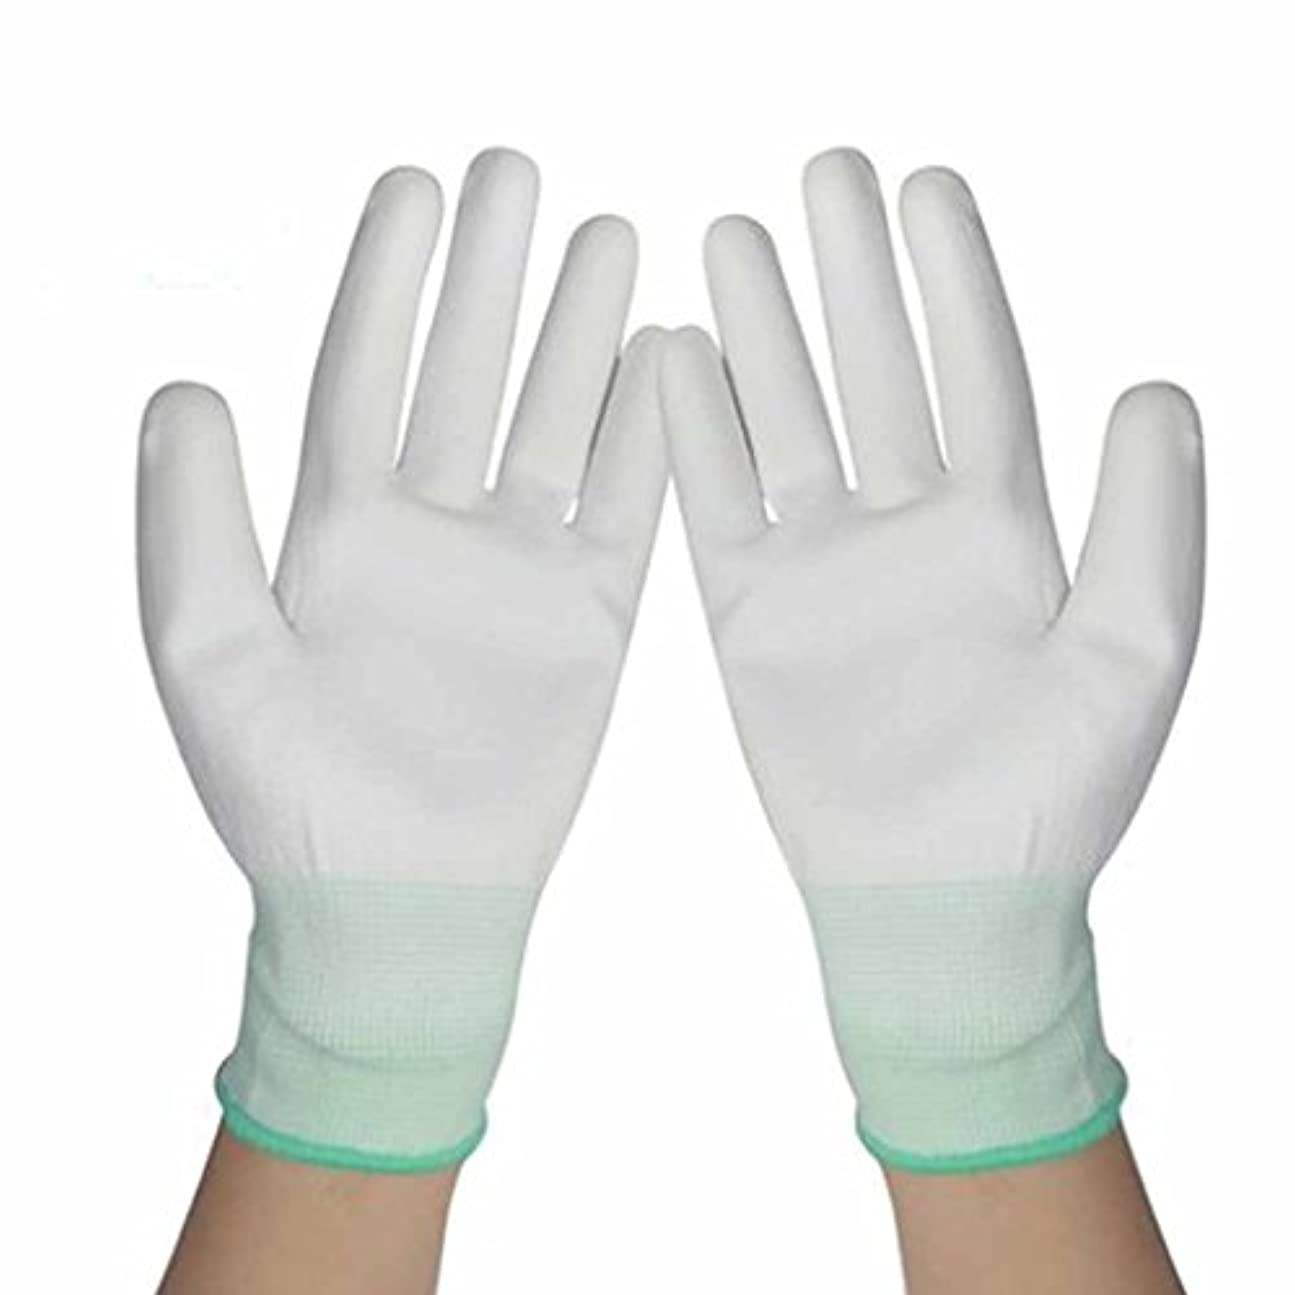 誤って隙間メイン使い捨て手袋 労働保険の保護ナイロン浸漬手袋防塵の帯電防止通気性耐摩耗手袋 (Size : 40 pairs)